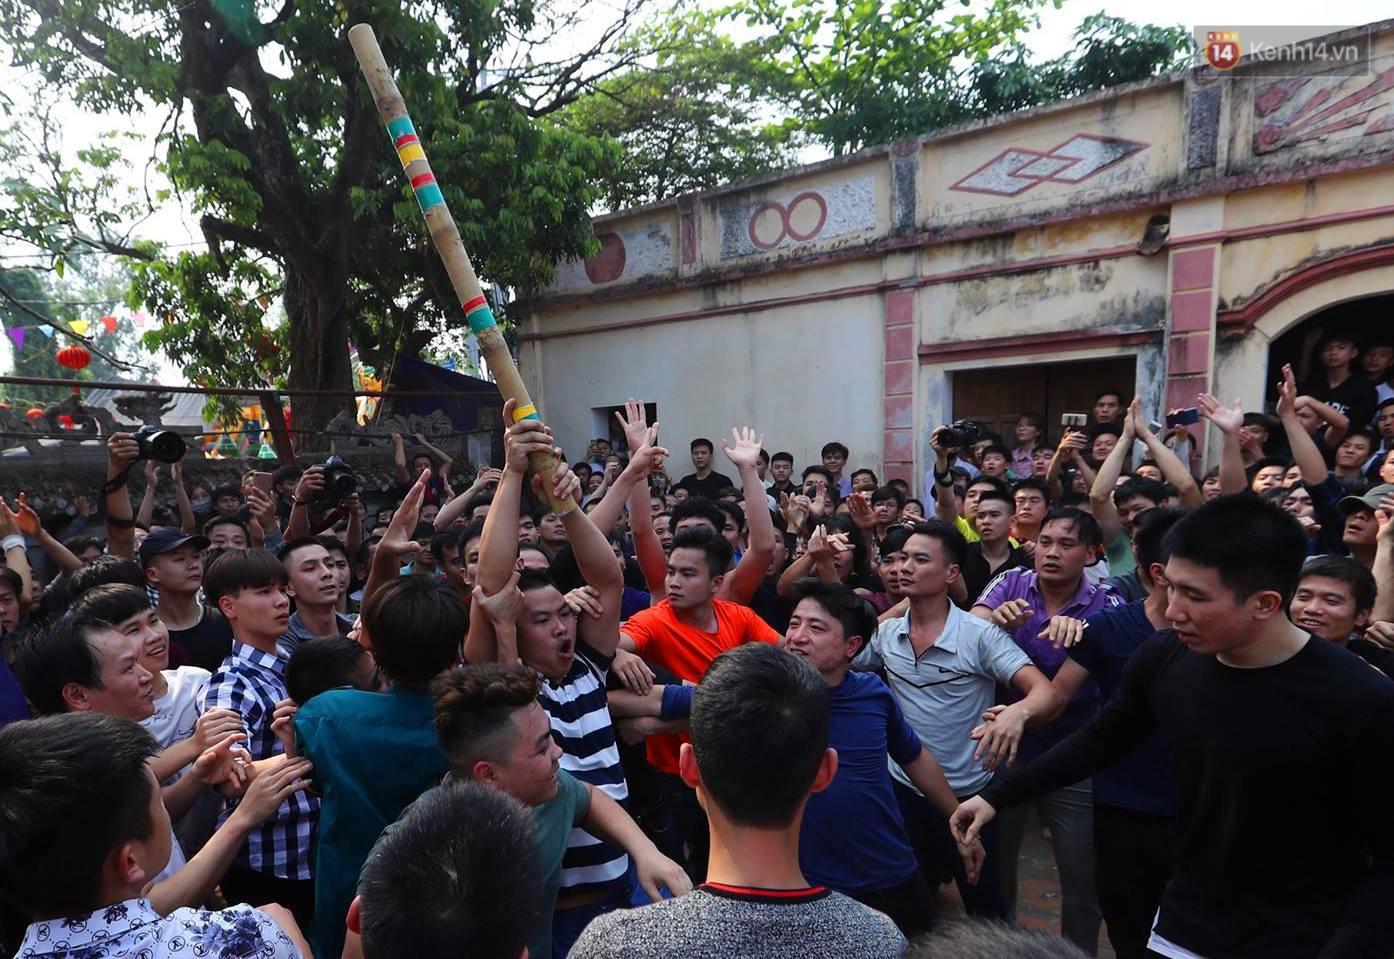 Hàng trăm trai làng lao vào tranh cướp trong lễ hội cầu may giằng bông Sơn Đồng - Ảnh 2.